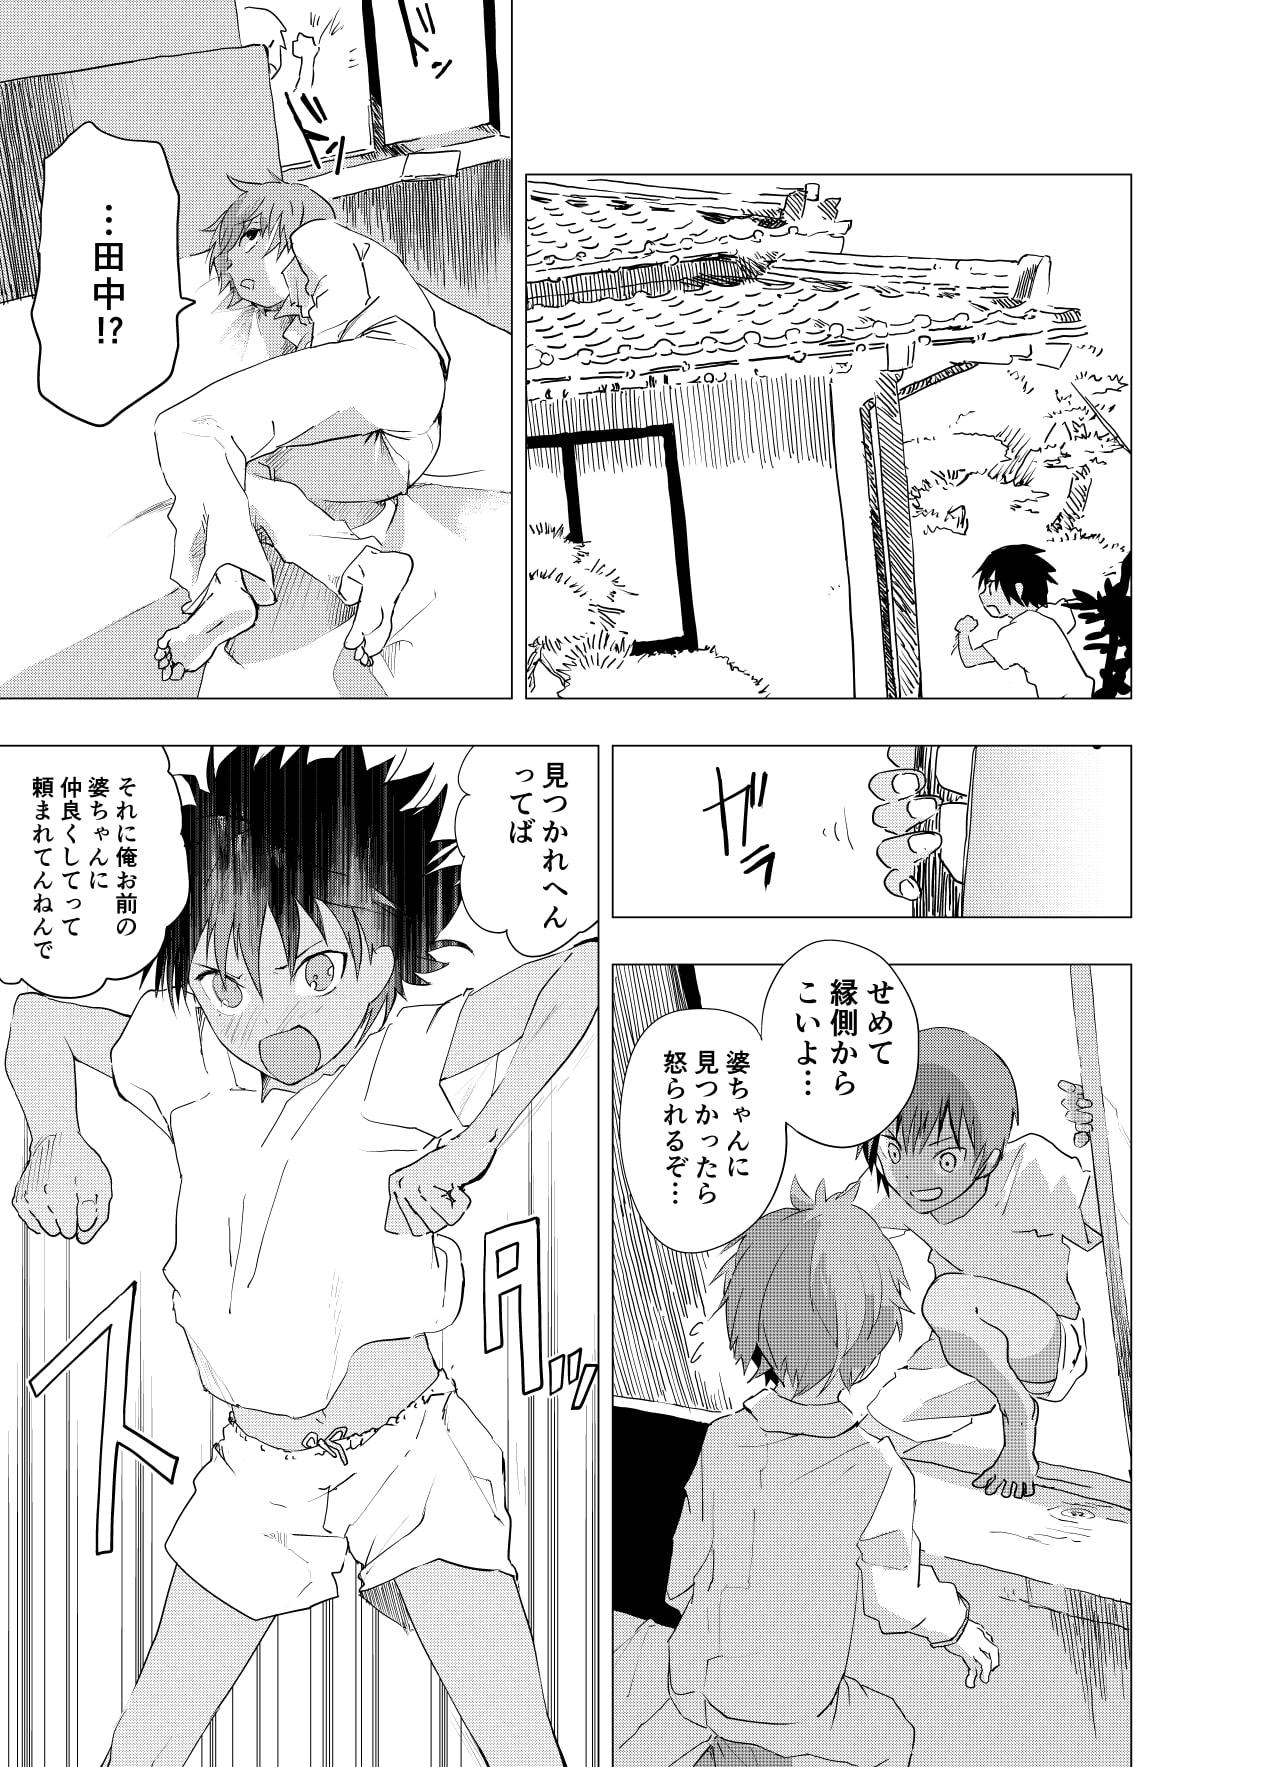 田舎の受け少年と都会の攻め少年のエロ漫画【7話】